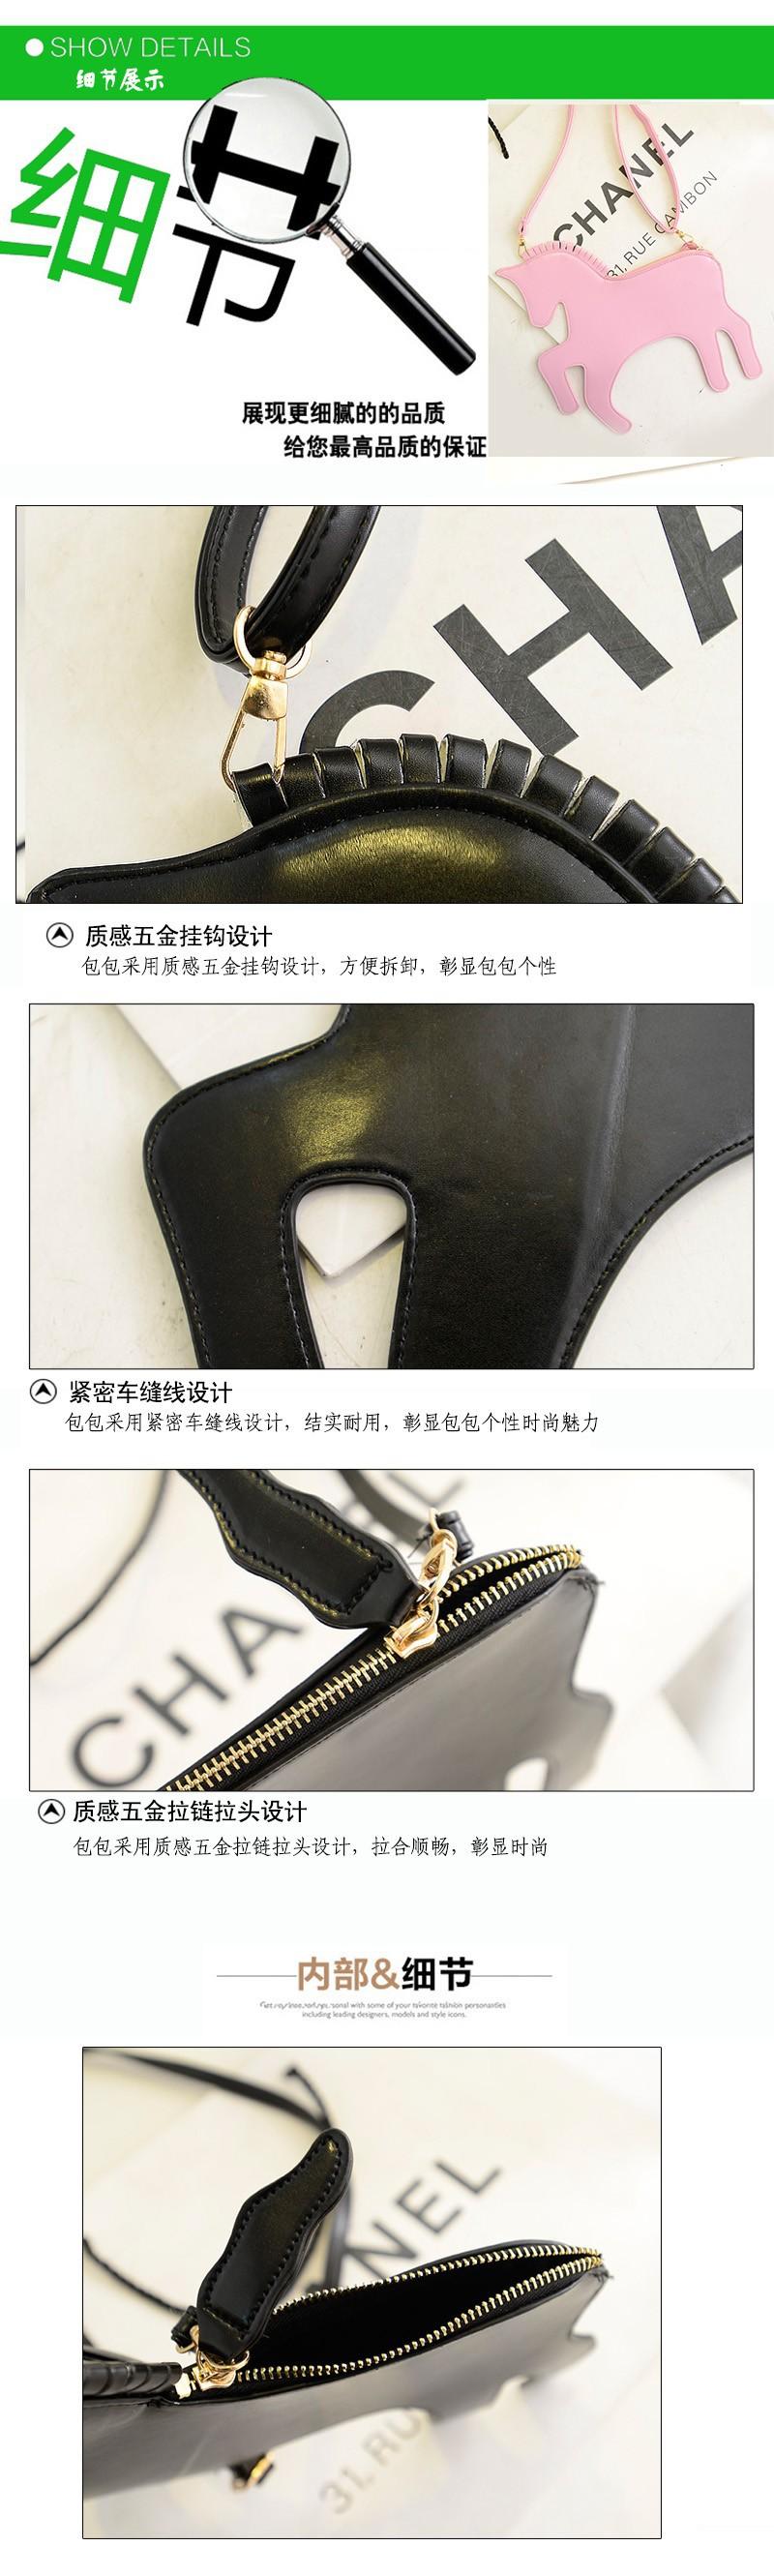 Единорог черный мешок серебра розовые лошади мешок продажи леди партии мешок моды стиль вечерняя сумочка 05177